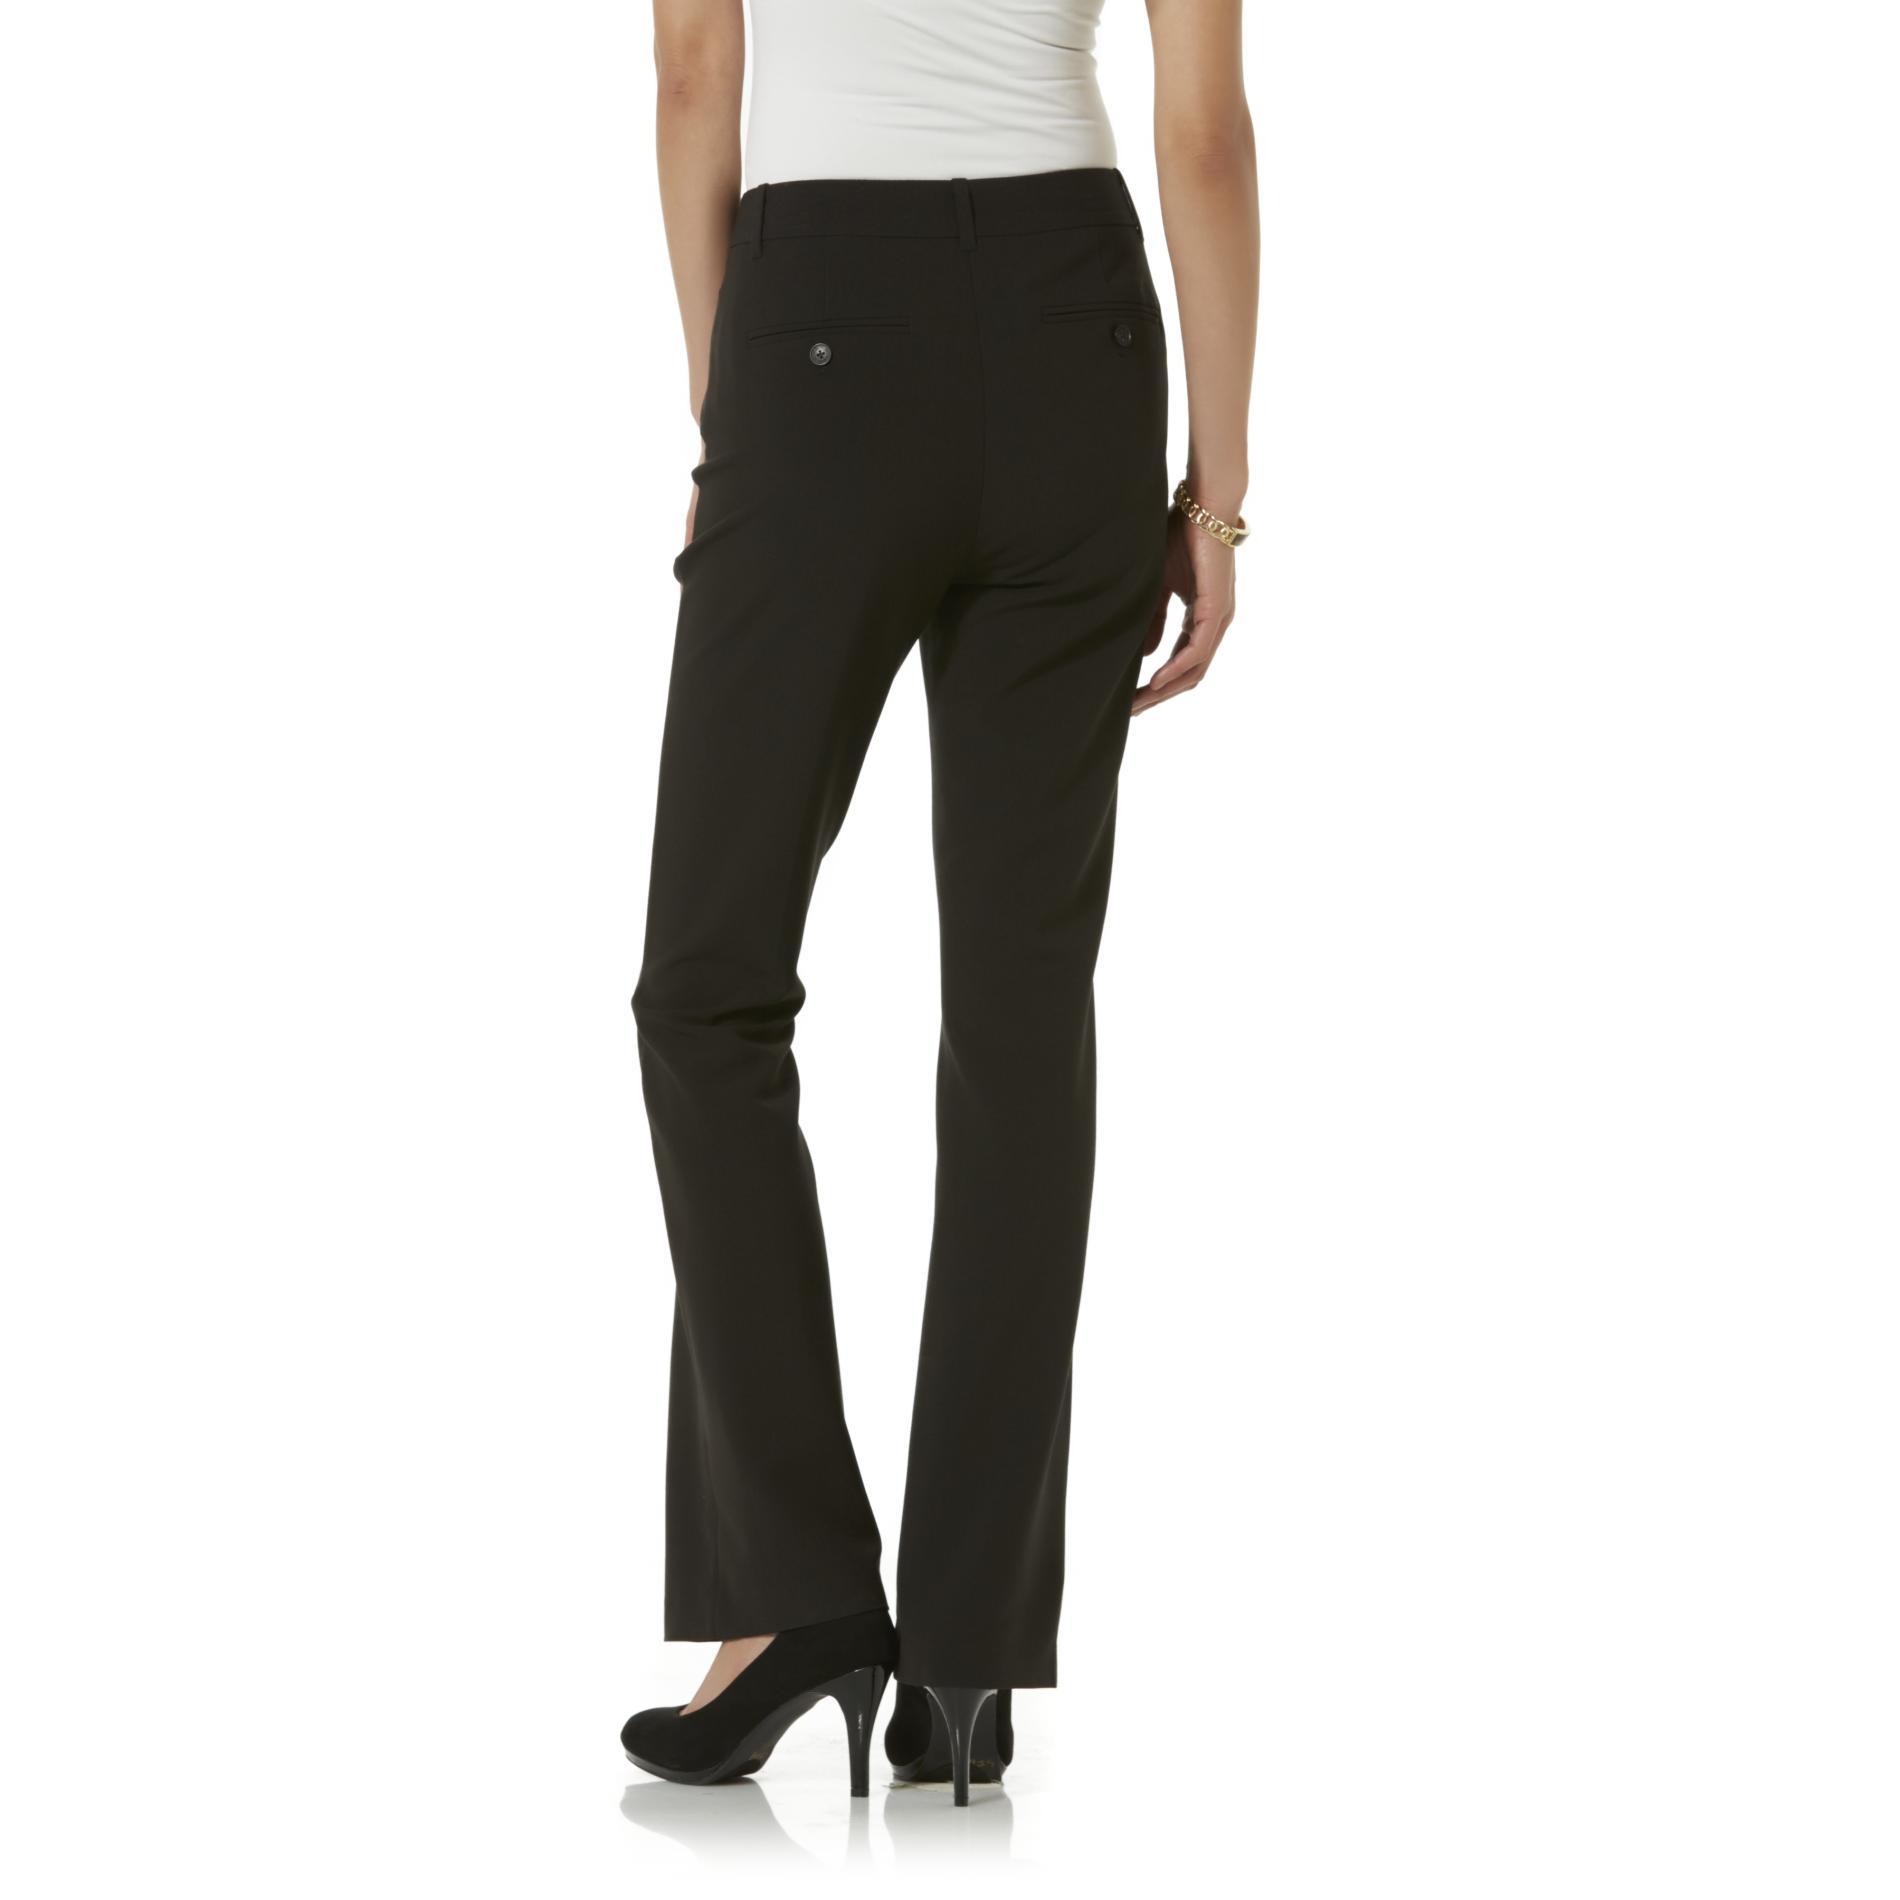 Jaclyn Smith Women's Straight Leg Trousers